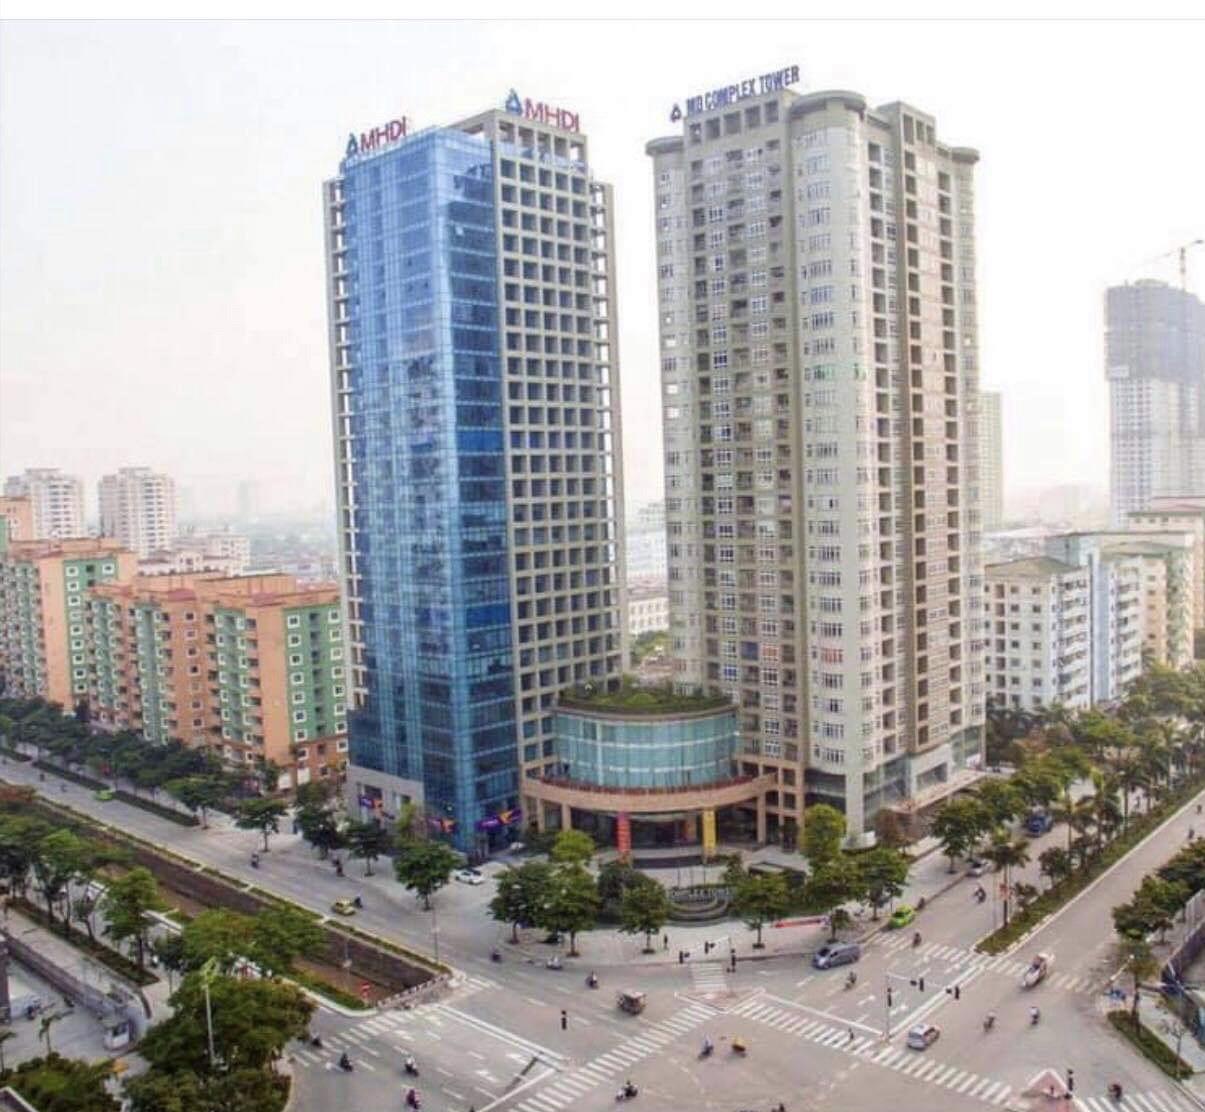 5 tòa nhà cho thuê văn phòng giá rẻ ở quận Nam Từ Liêm, Hà Nội - Ảnh 4.